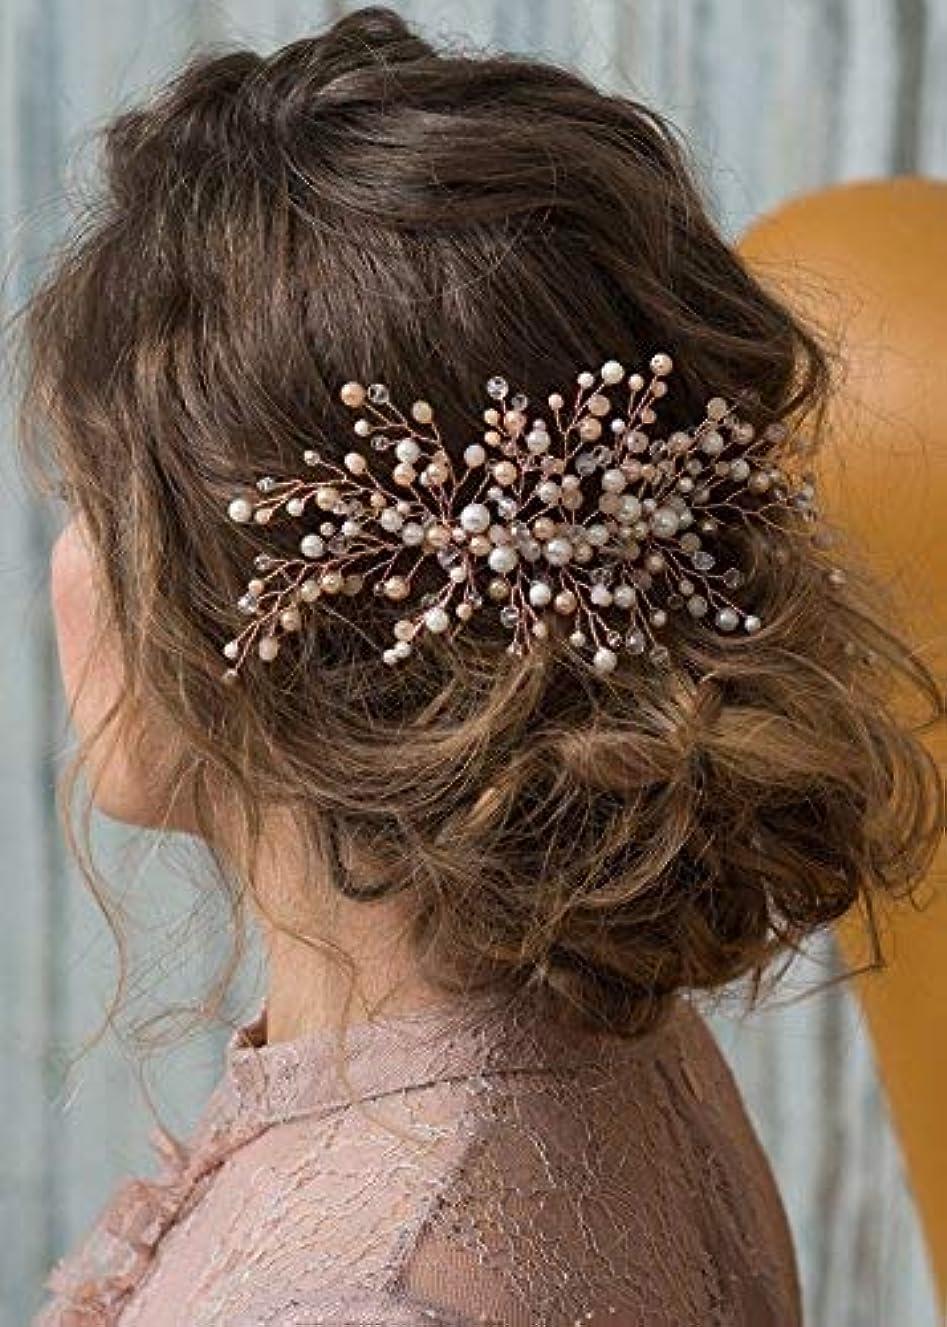 万一に備えて荒廃する買うKercisbeauty Wedding Bridal Bridesmaid Pink Champagne Beads Rose Gold Hair Comb Slide Updo Hair Accessory Prom Headpiece [並行輸入品]